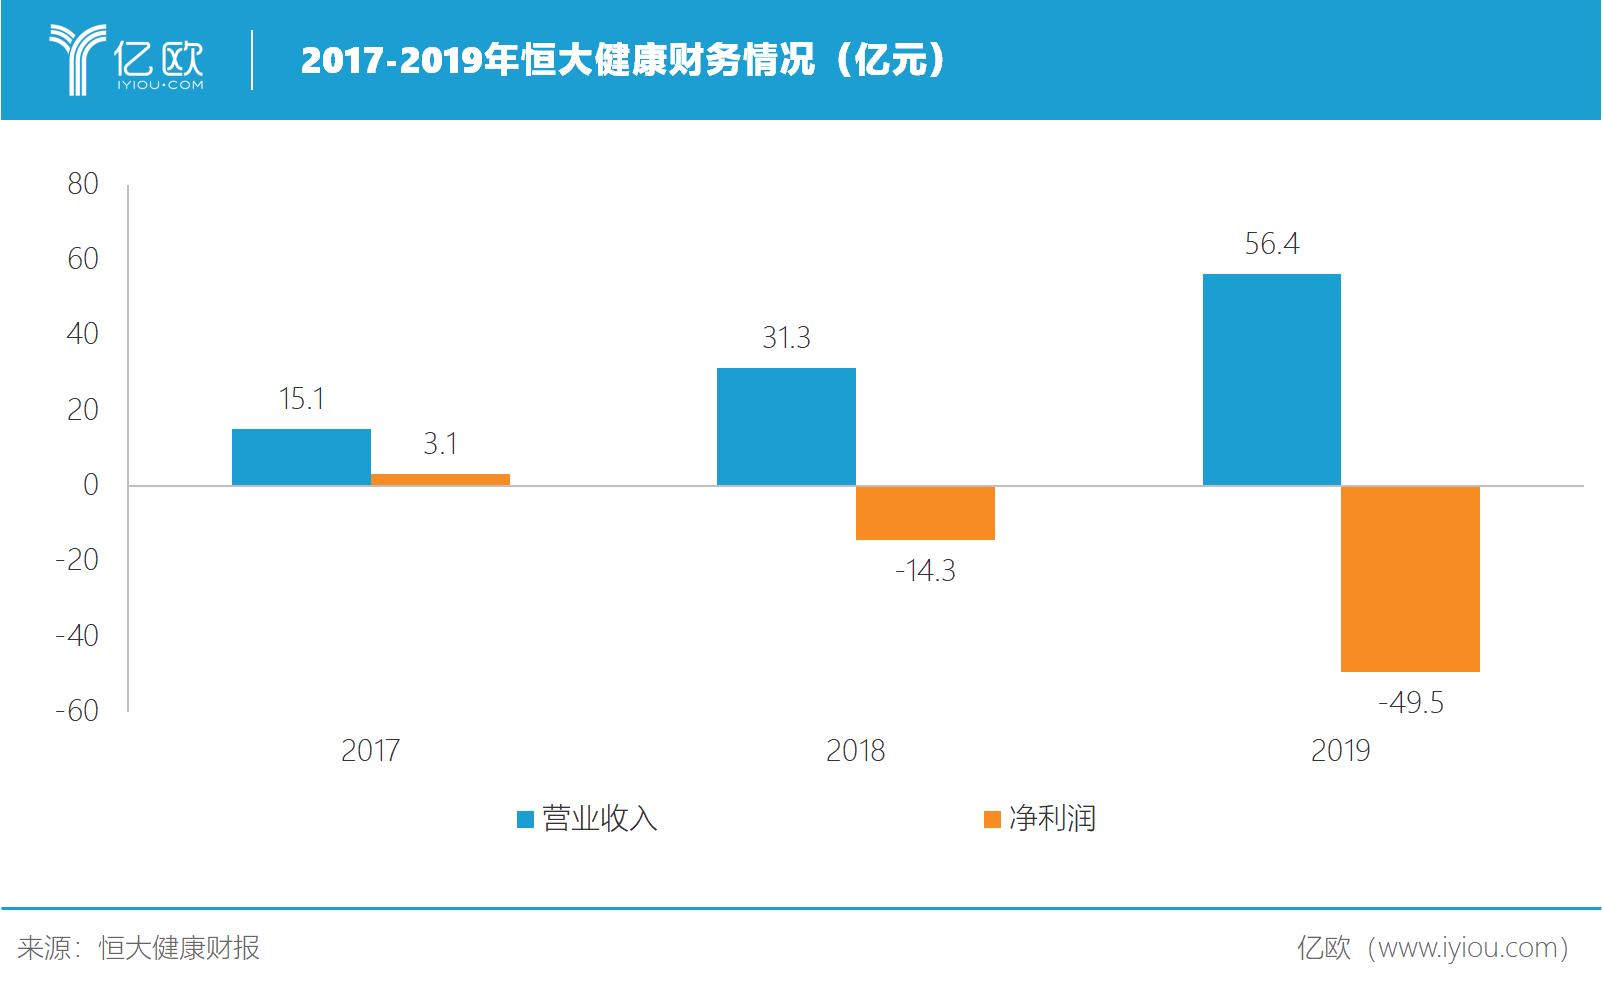 2017-2019年恒大健康财务情况(亿元)